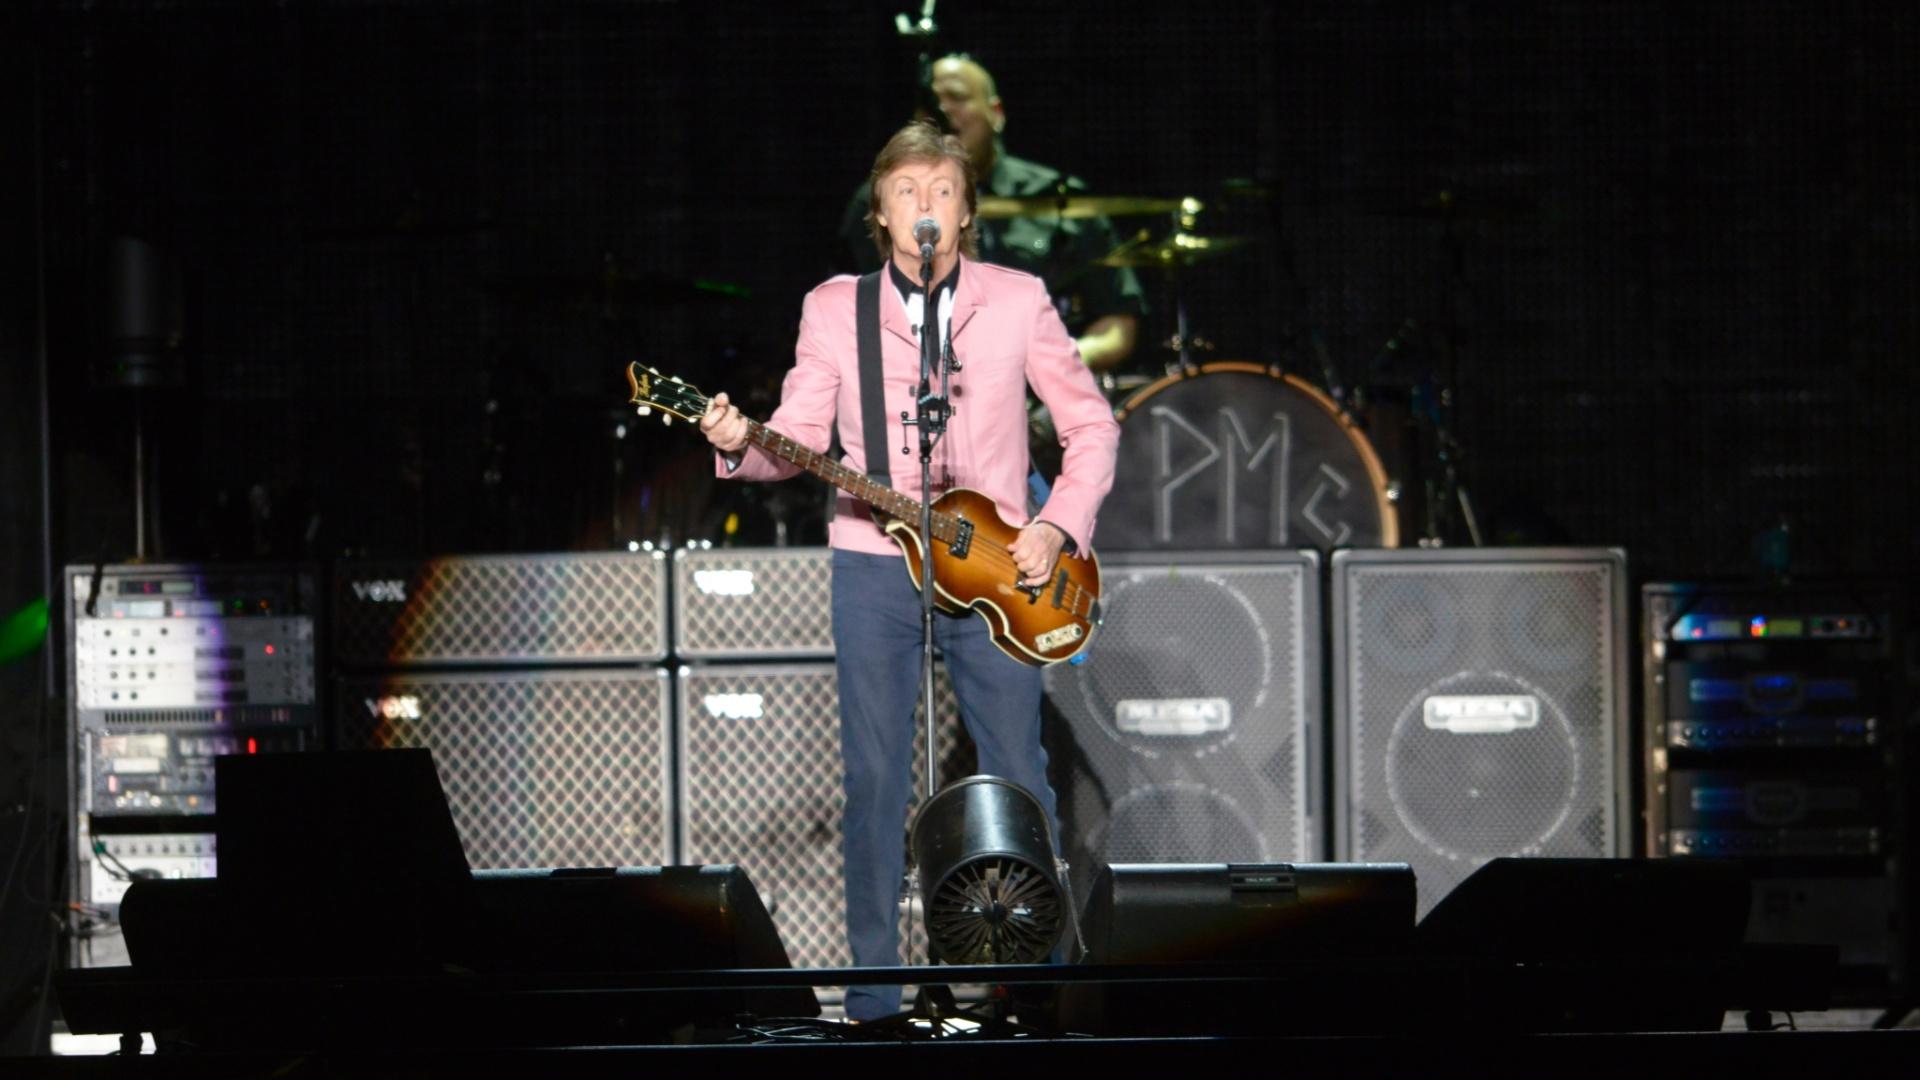 6.mai.2013 - Após o show em Goiânia, Paul McCartney vai para Fortaleza, último show no Brasil de